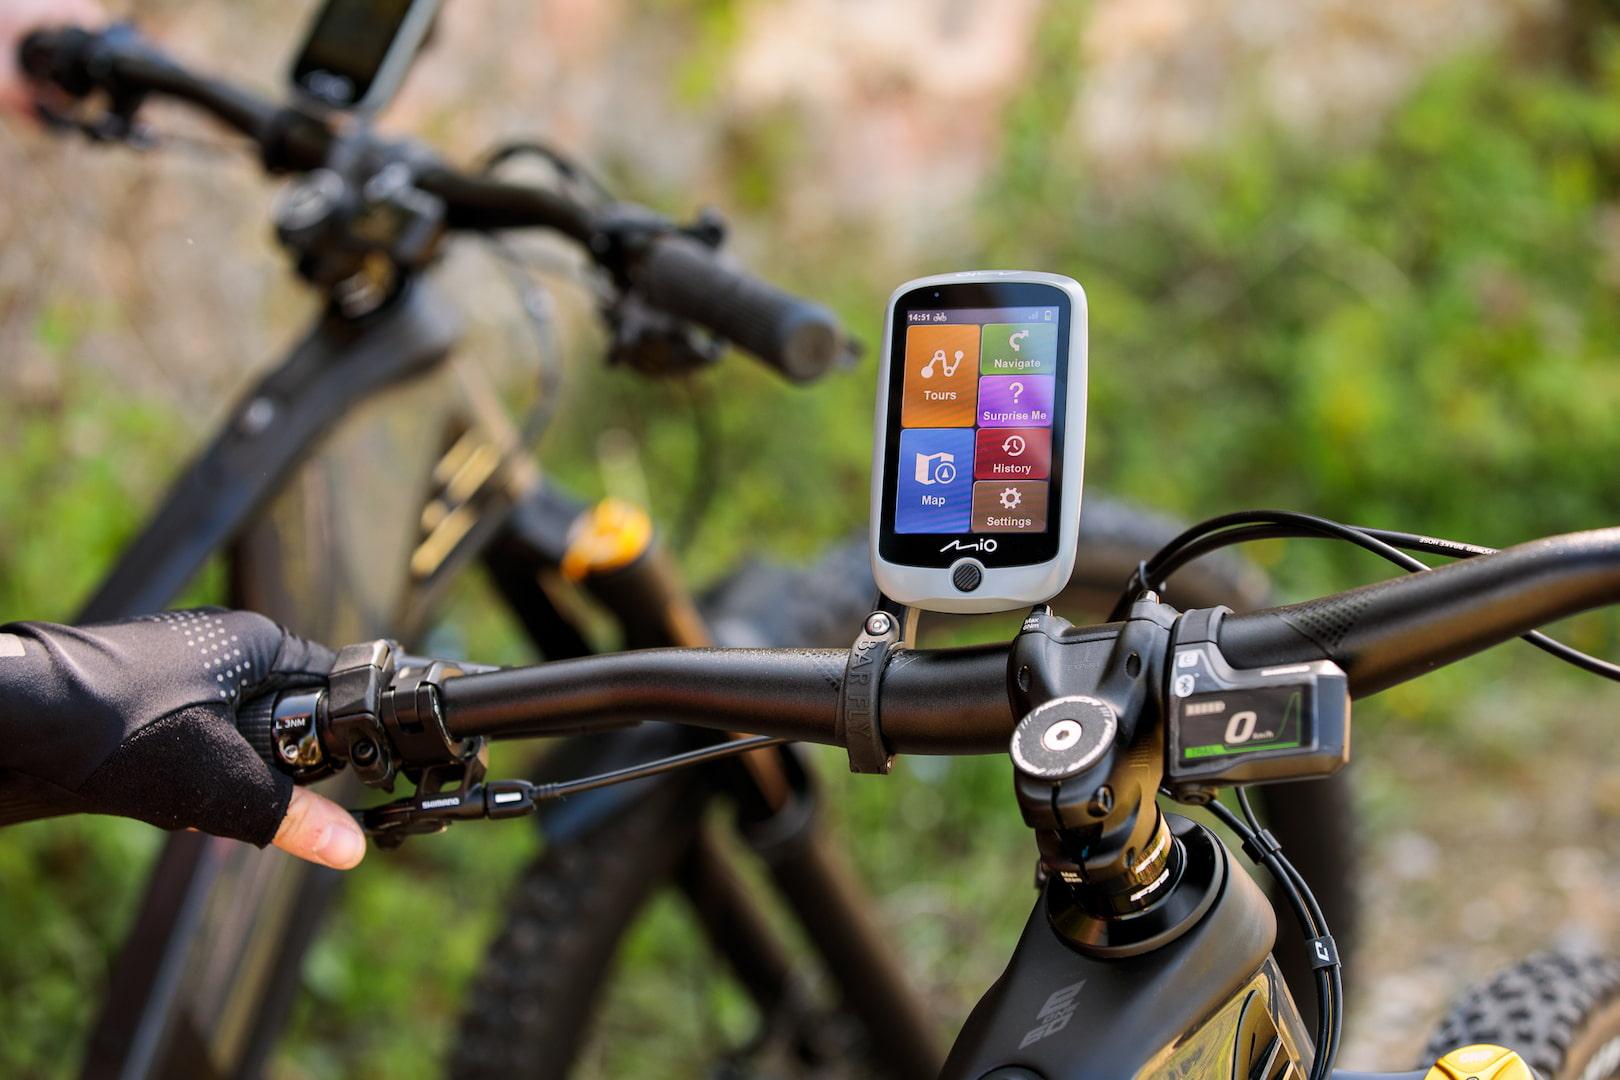 nawigacja rowerowa przydatna na wyprawie rowerowej